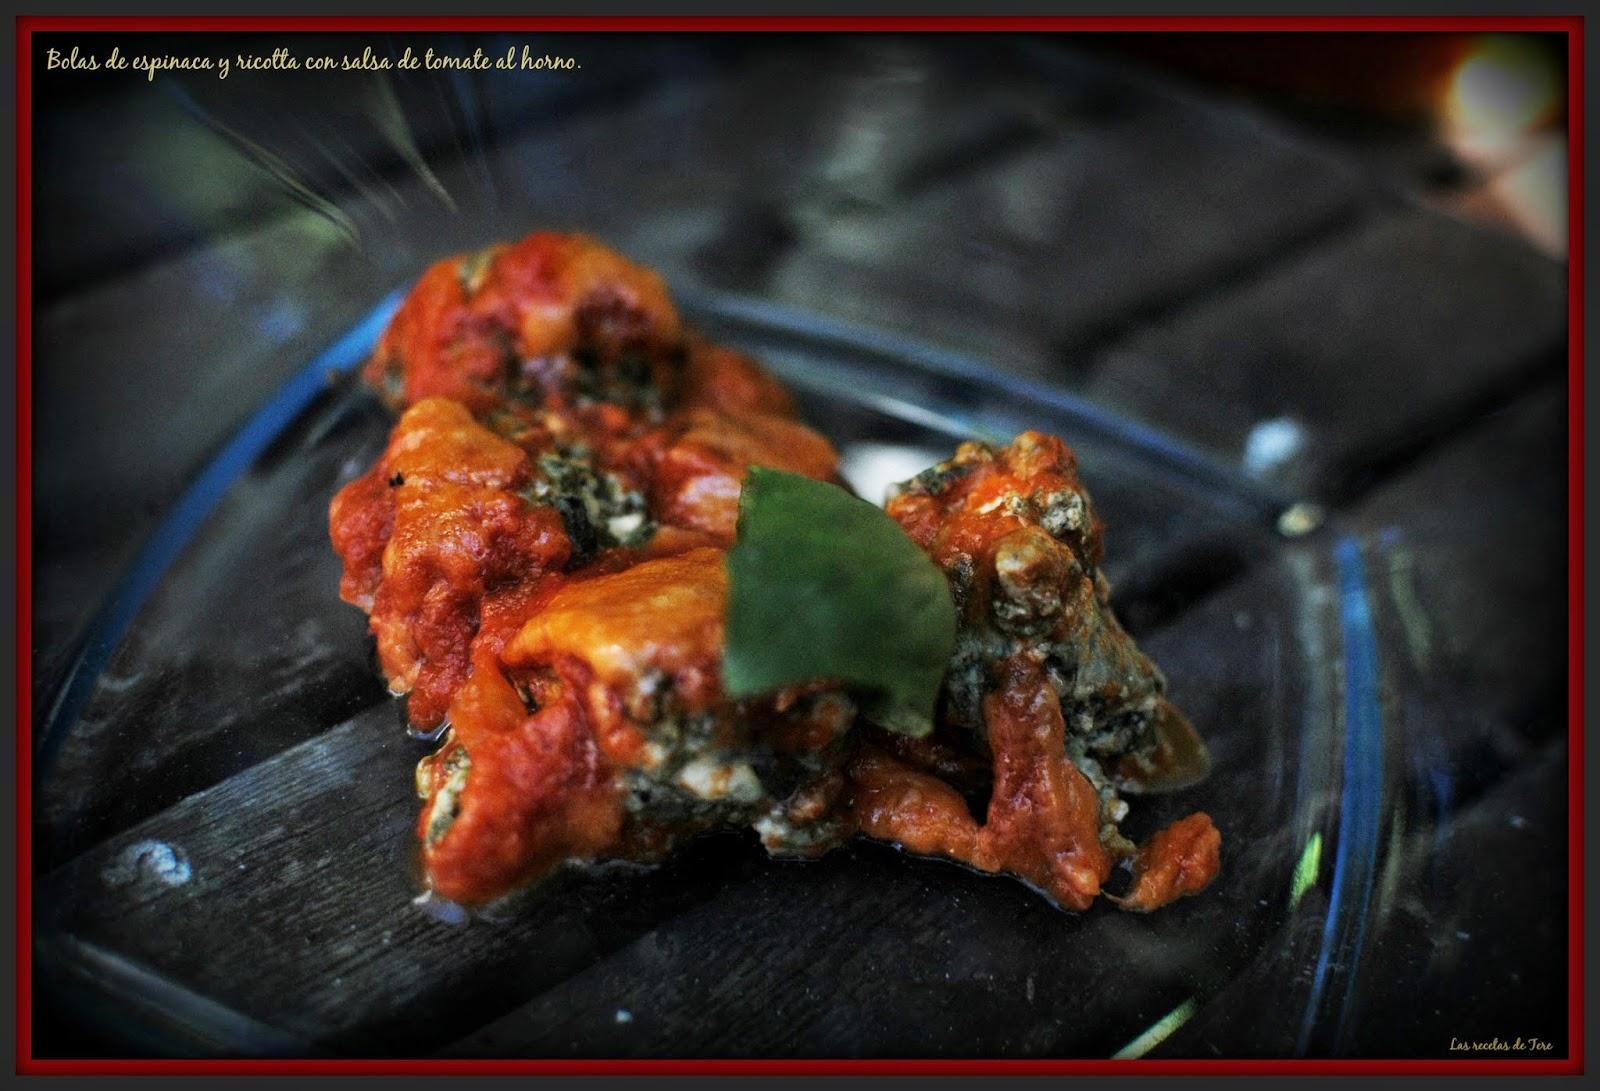 bolas de espinaca y ricotta con salsa de tomate al horno tererecetas 06